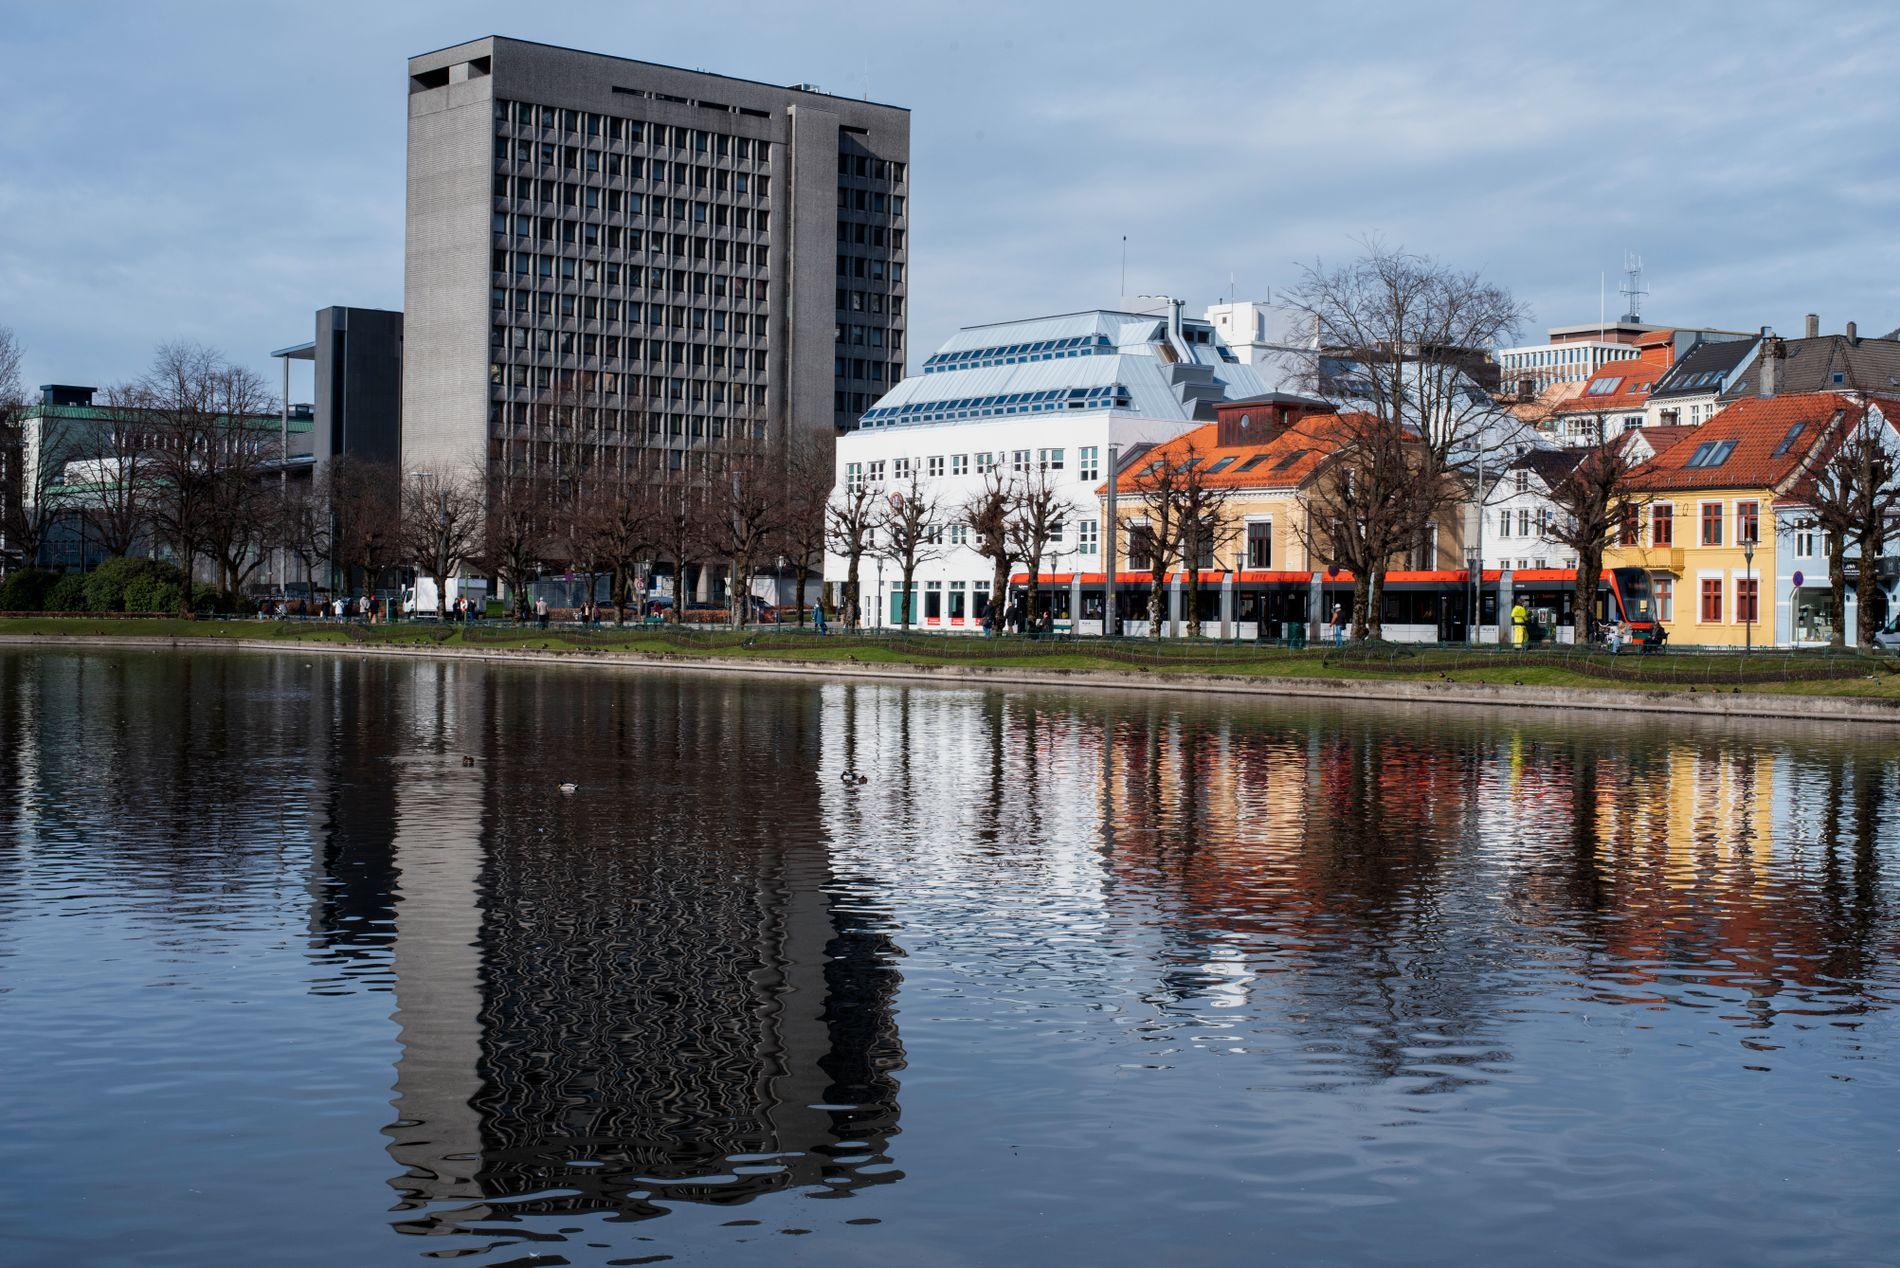 RÅDHUSET: Rådhuset ble reist i 1974 og naturbetong ble for første gang tatt i bruk i Bergen, ifølge nettstedet grind.no.